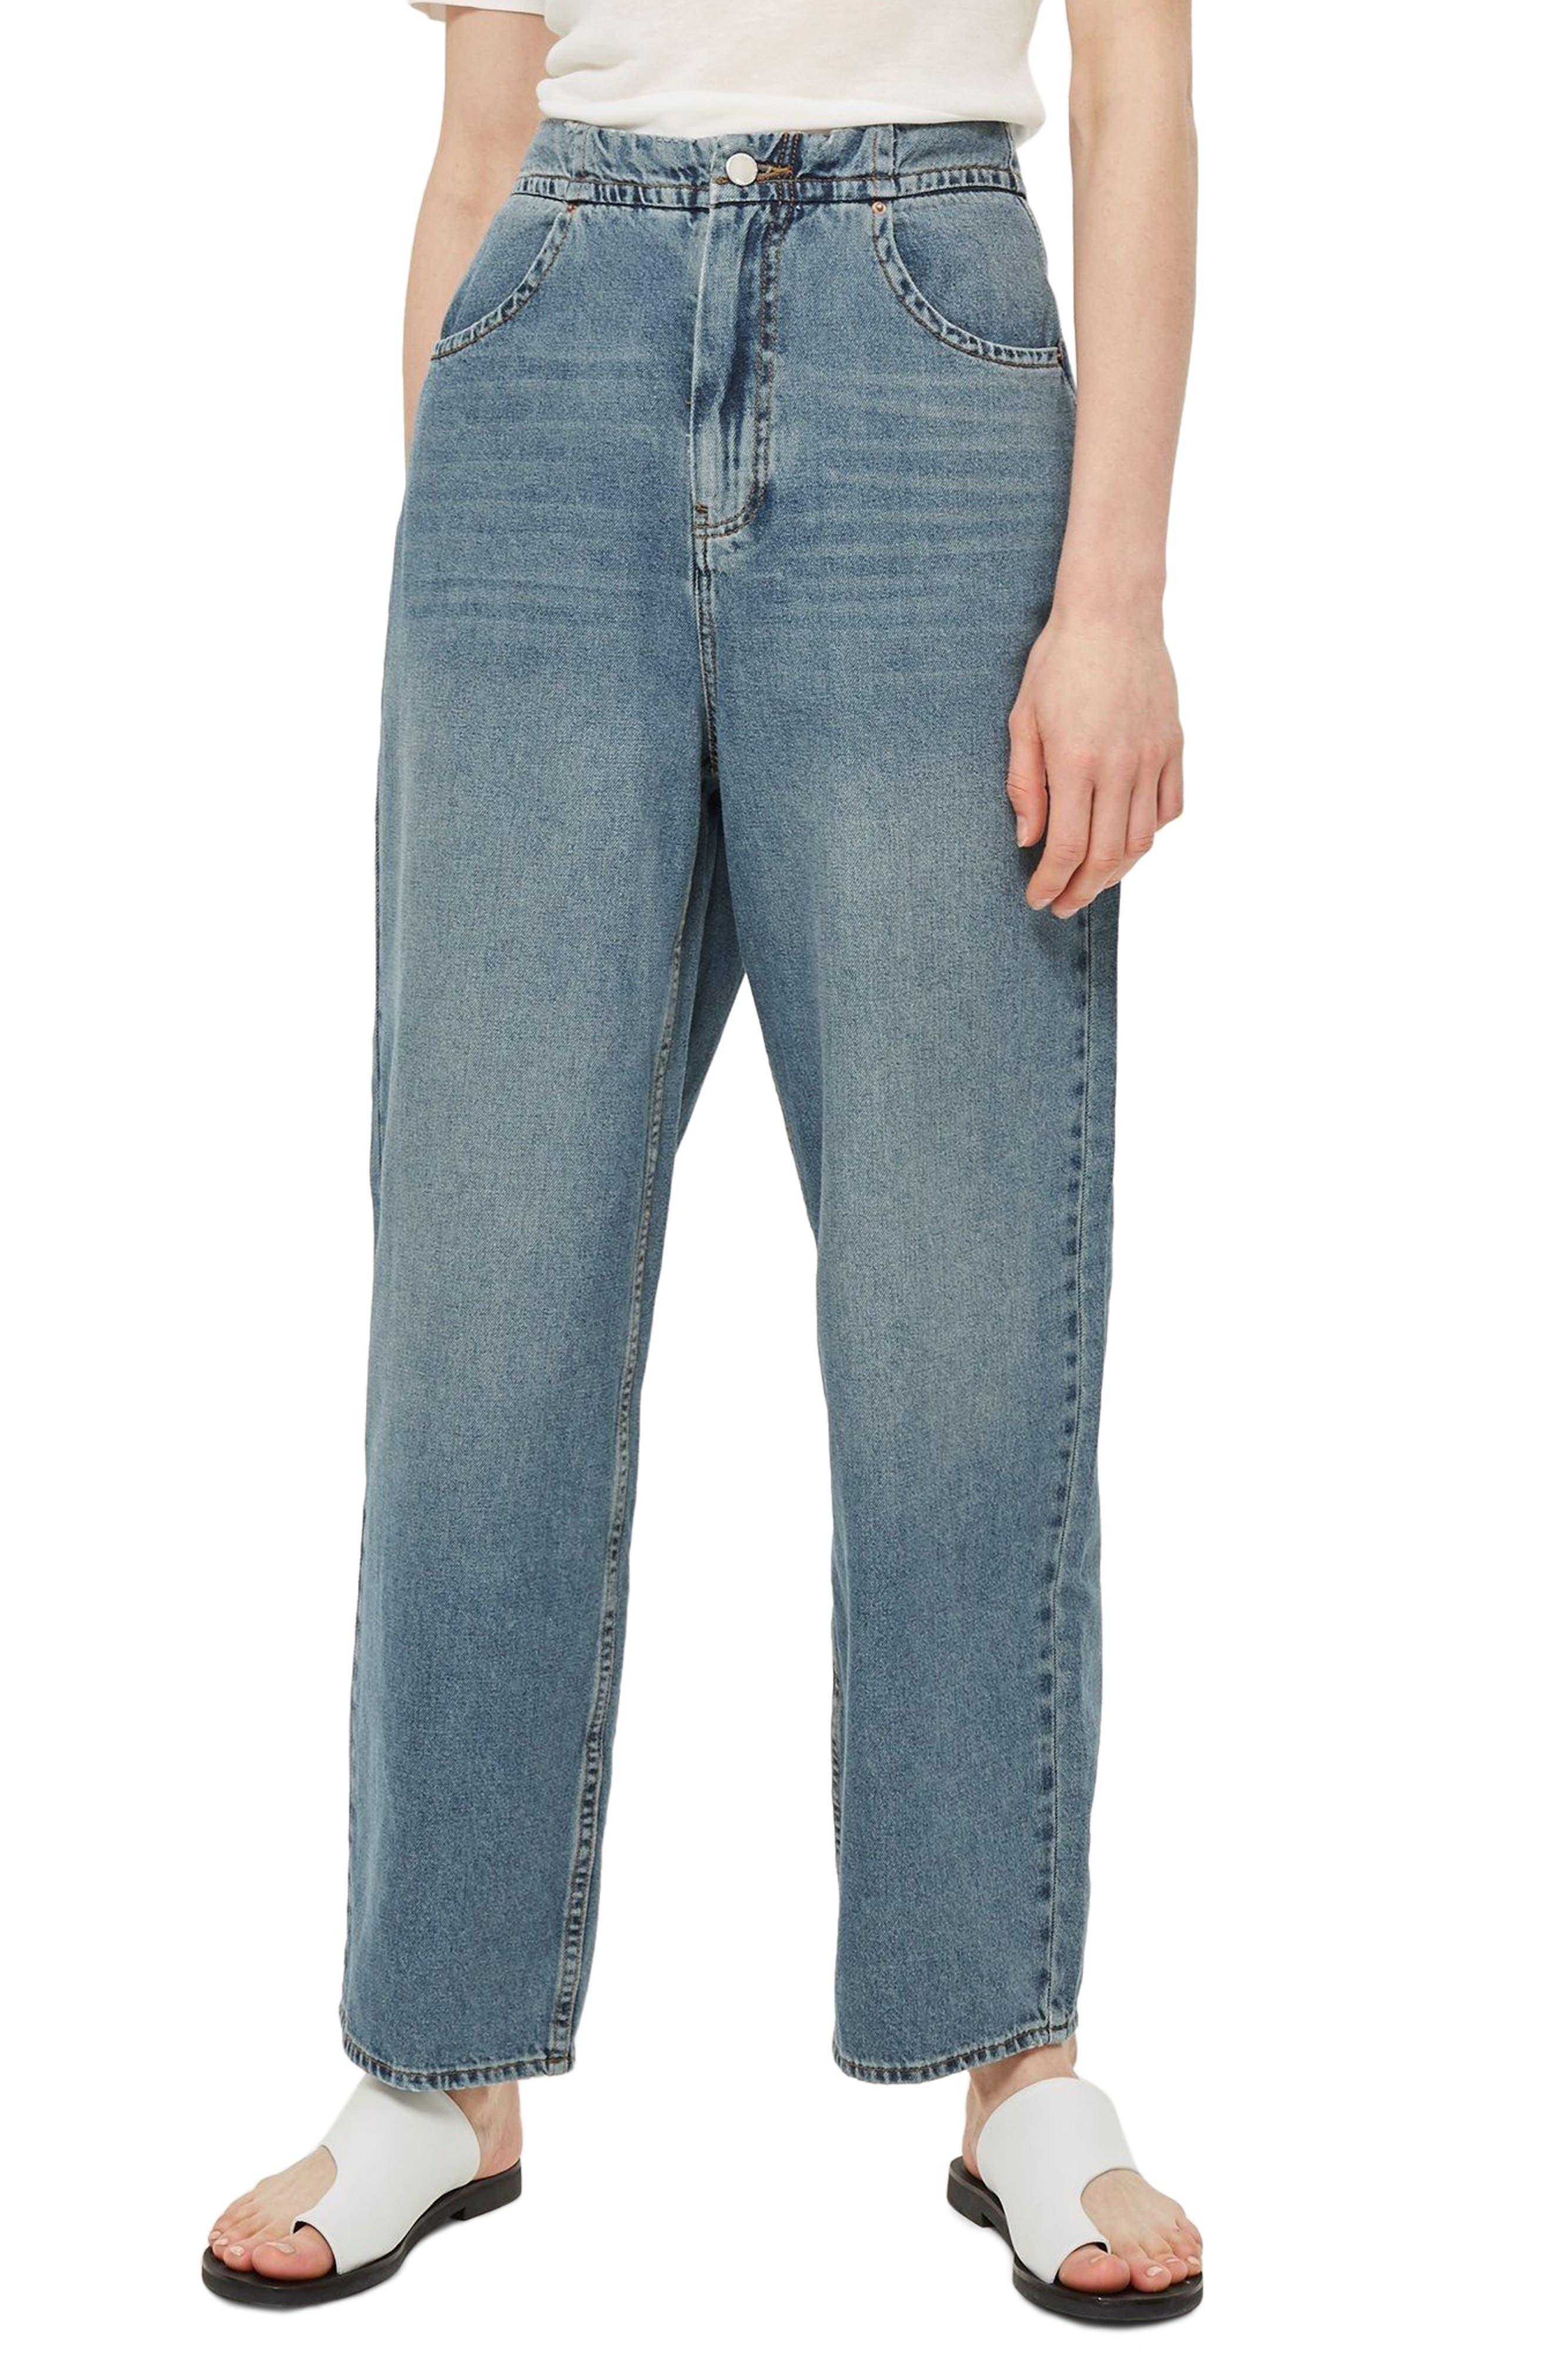 Topshop Boutique Slouch Cinch Jeans